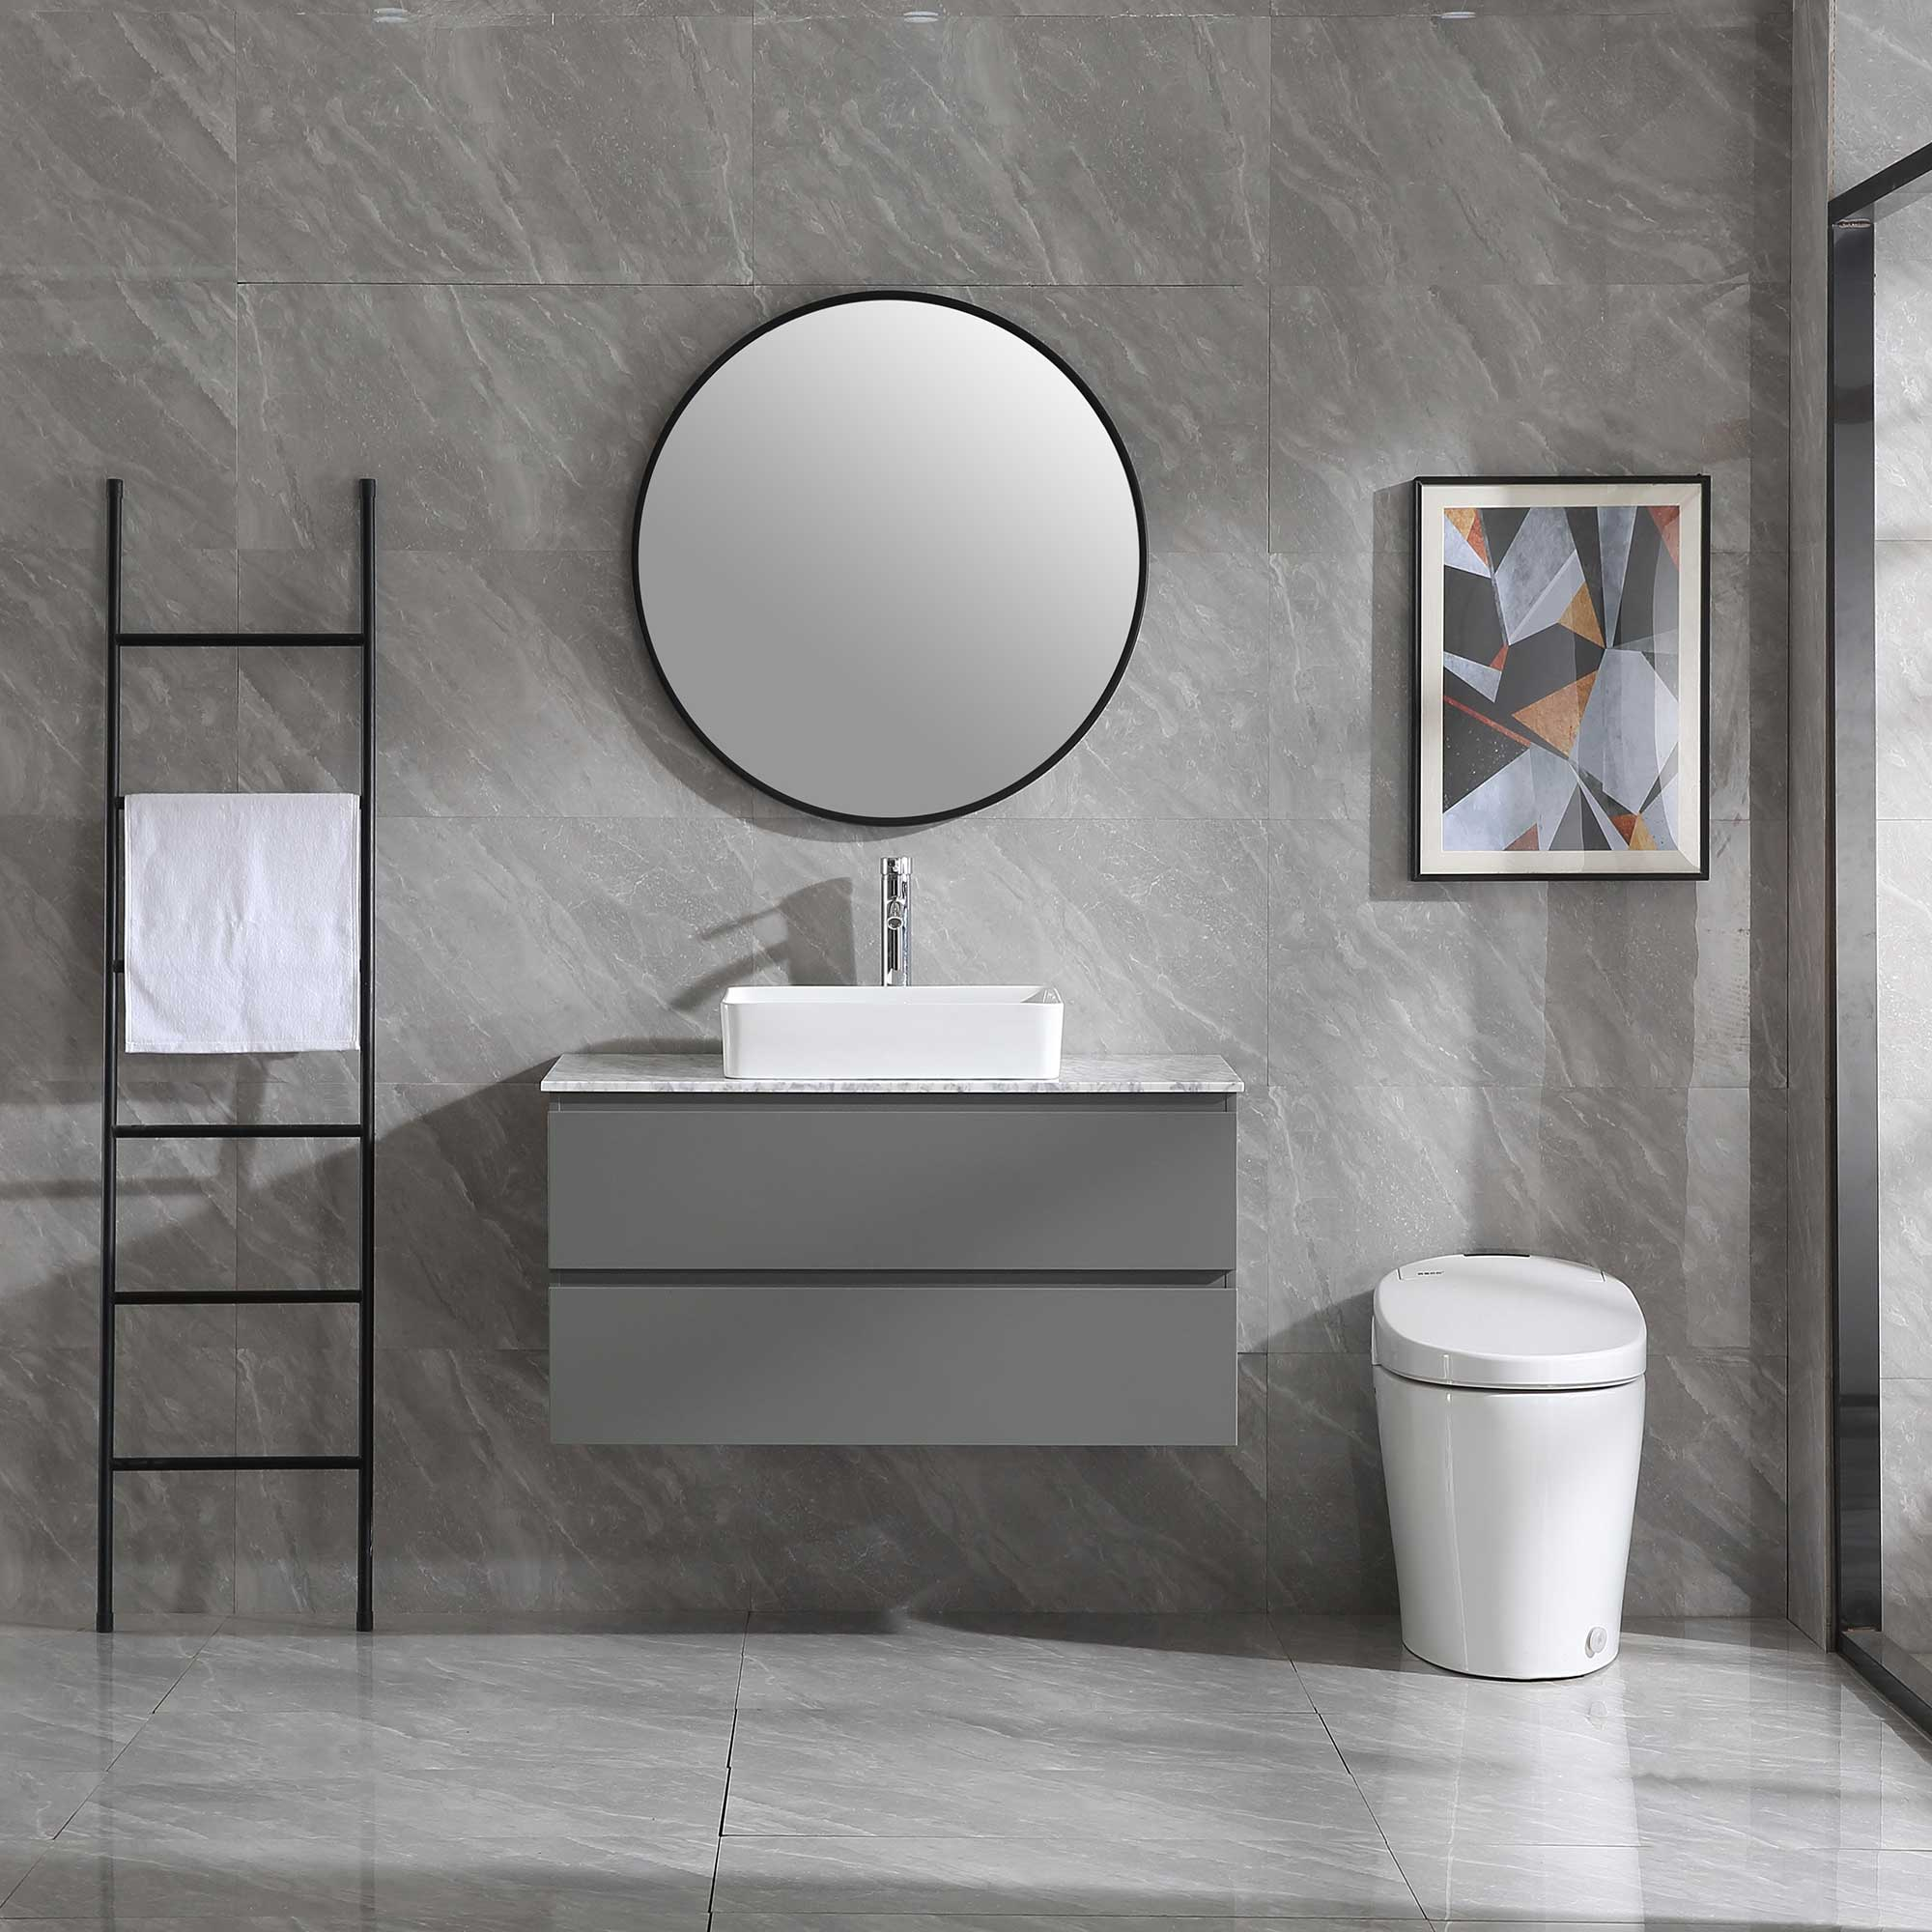 Tvättställsskåp Bathlife Extas Grå